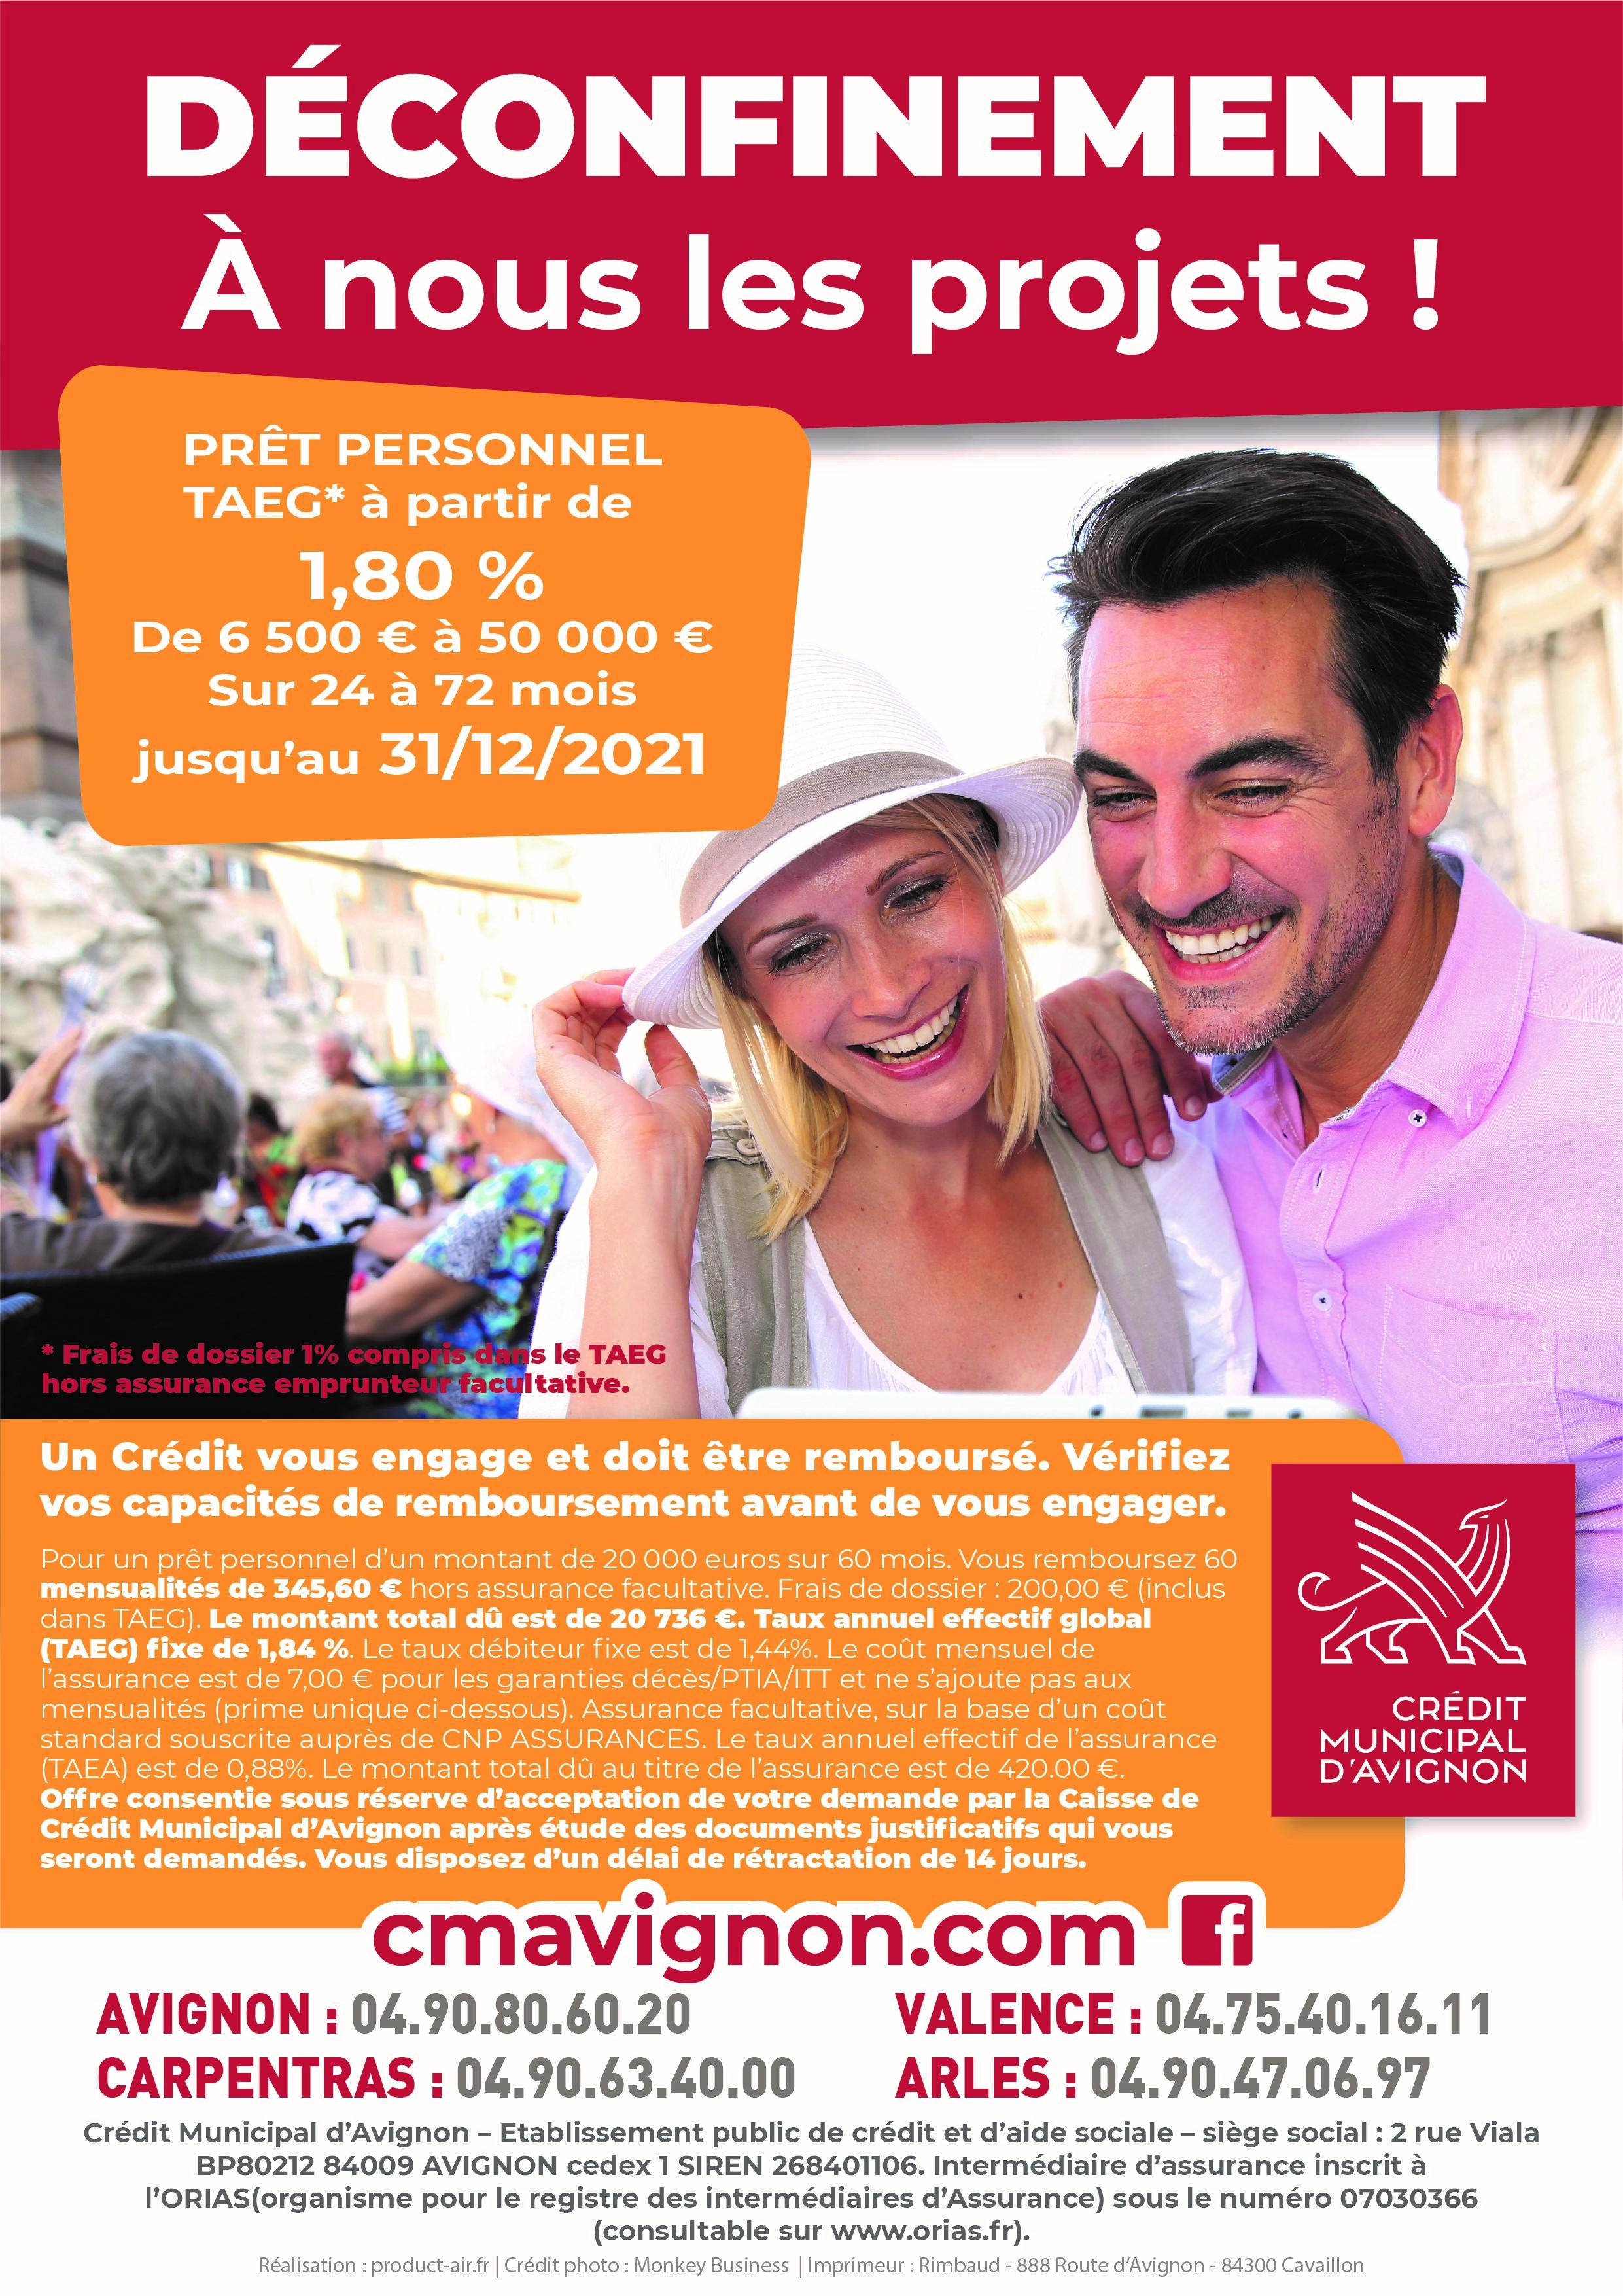 Publicité sur un taux promotionnel prêts personnels. un couple joyeux avec des personnes en arrière plan.